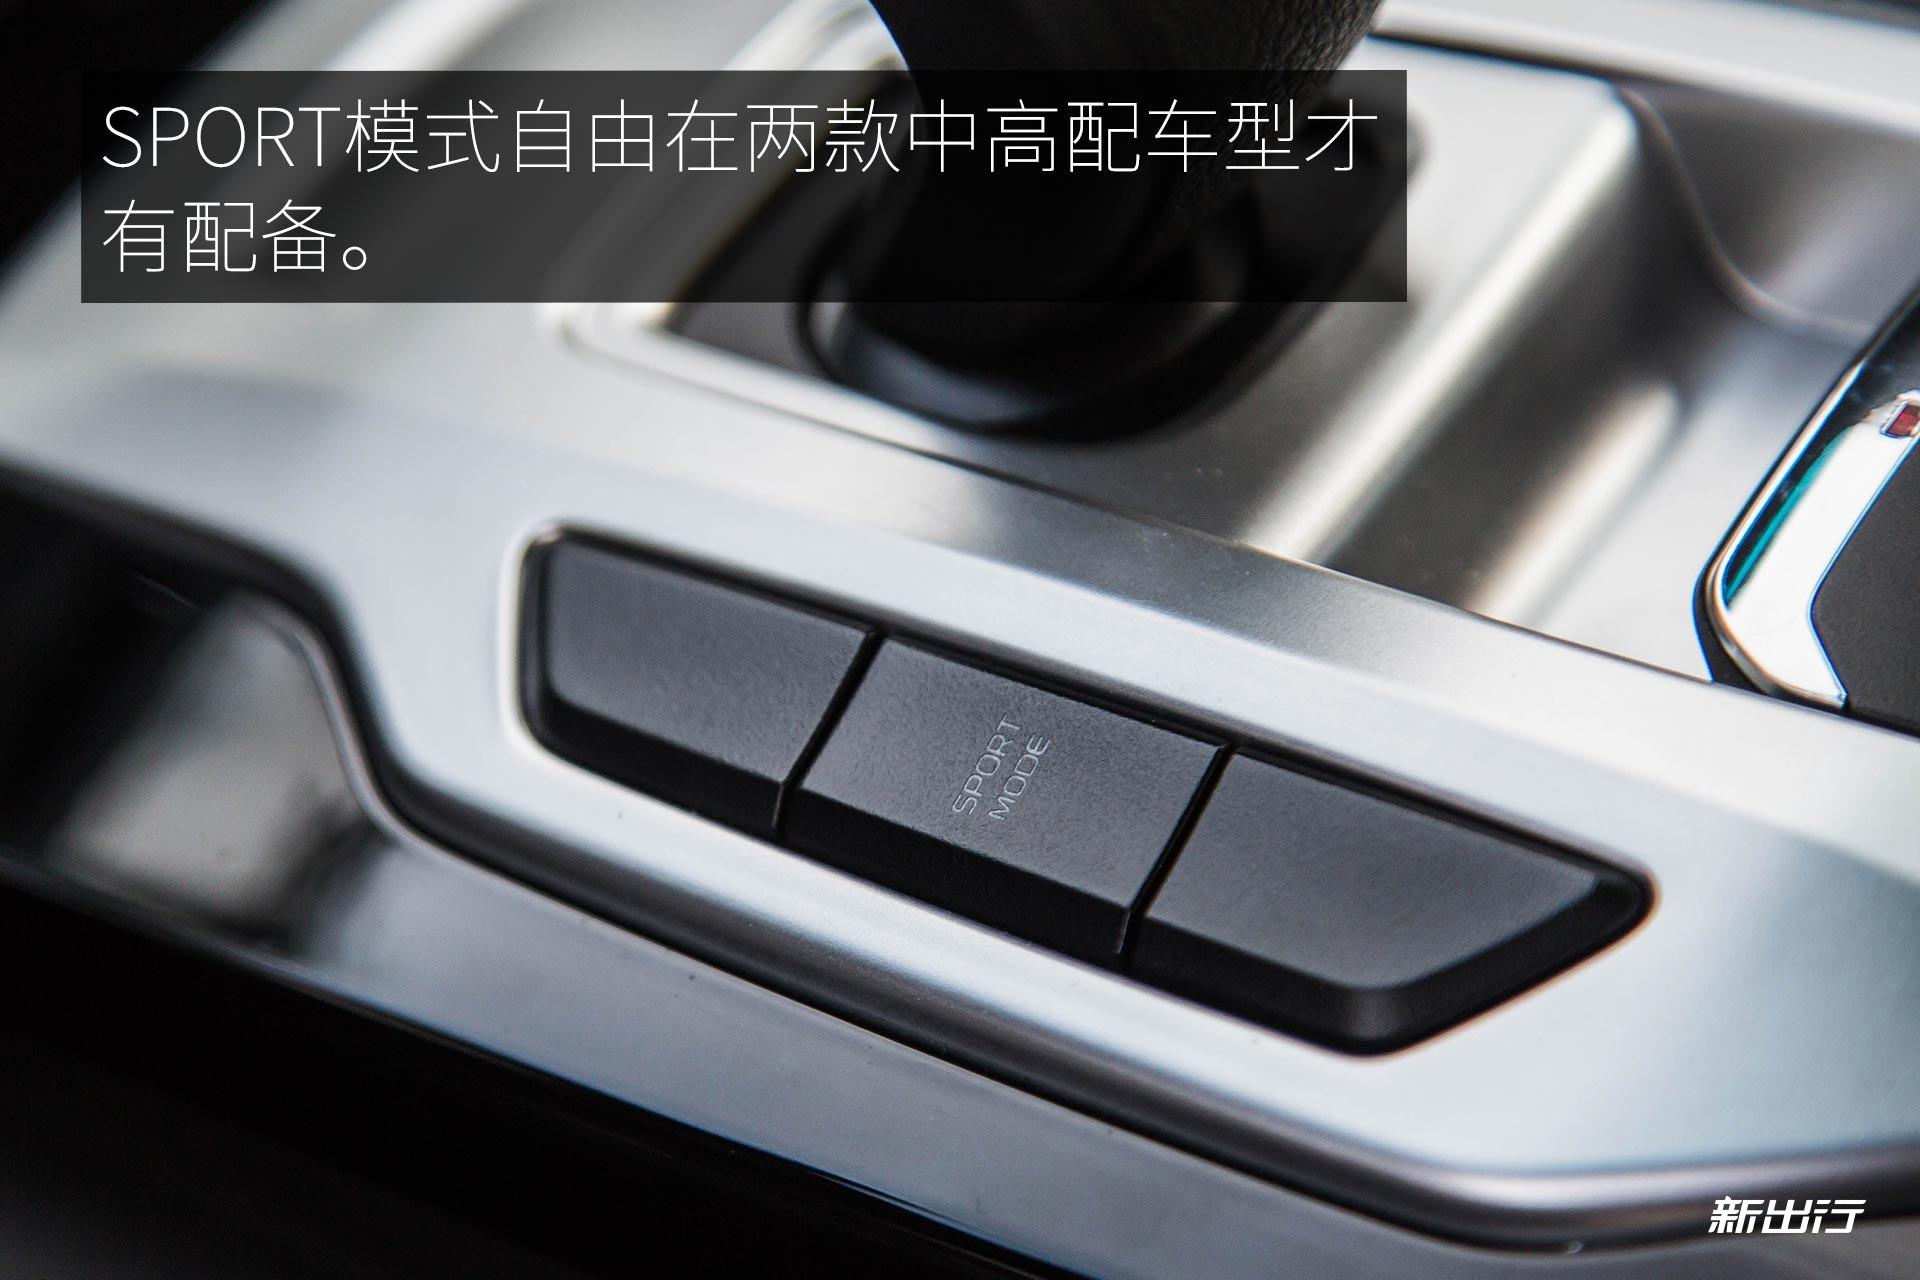 43-吉利帝豪EV300深度评测体验.jpg